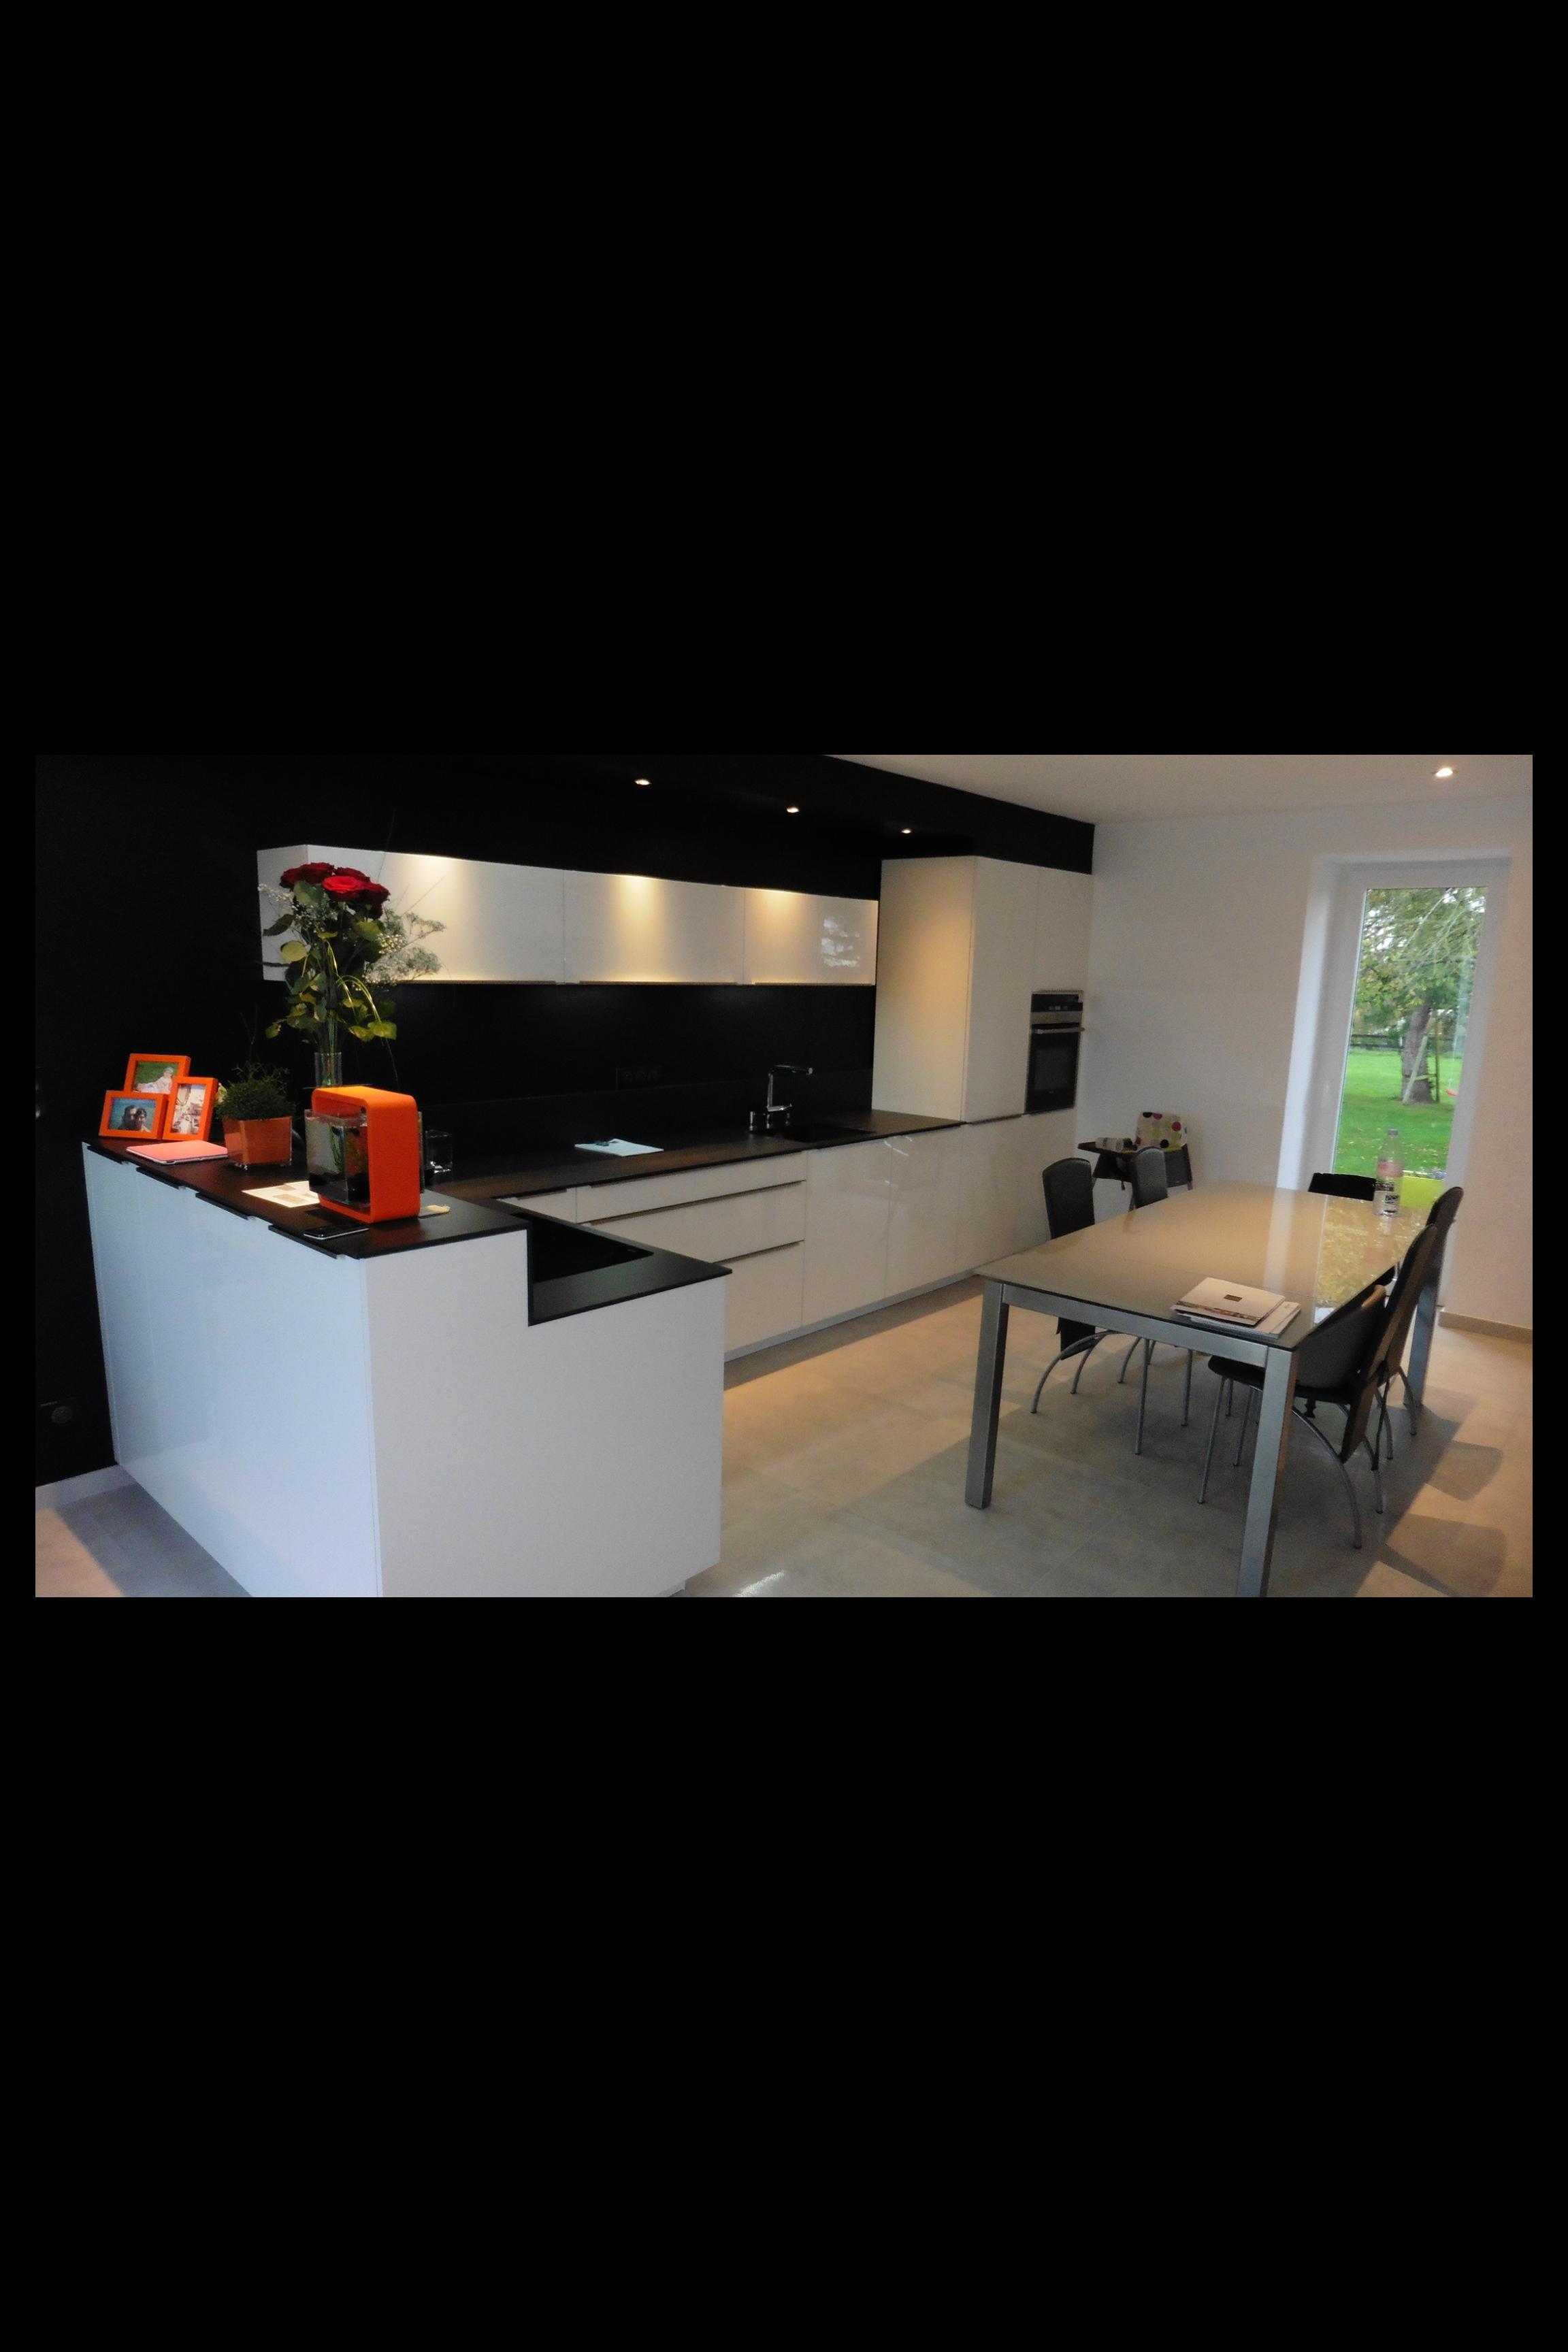 choisir la couleur de sa cuisine choix de couleur pour cuisine choix de couleur pour cuisine. Black Bedroom Furniture Sets. Home Design Ideas